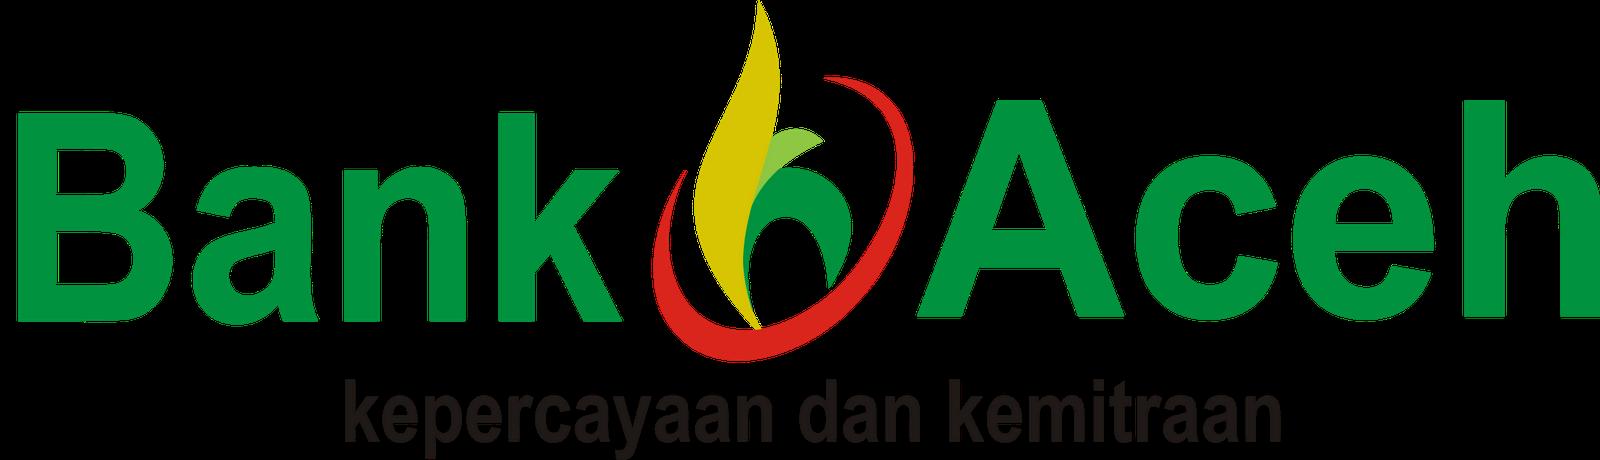 logo bank aceh kumpulan logo lambang indonesia